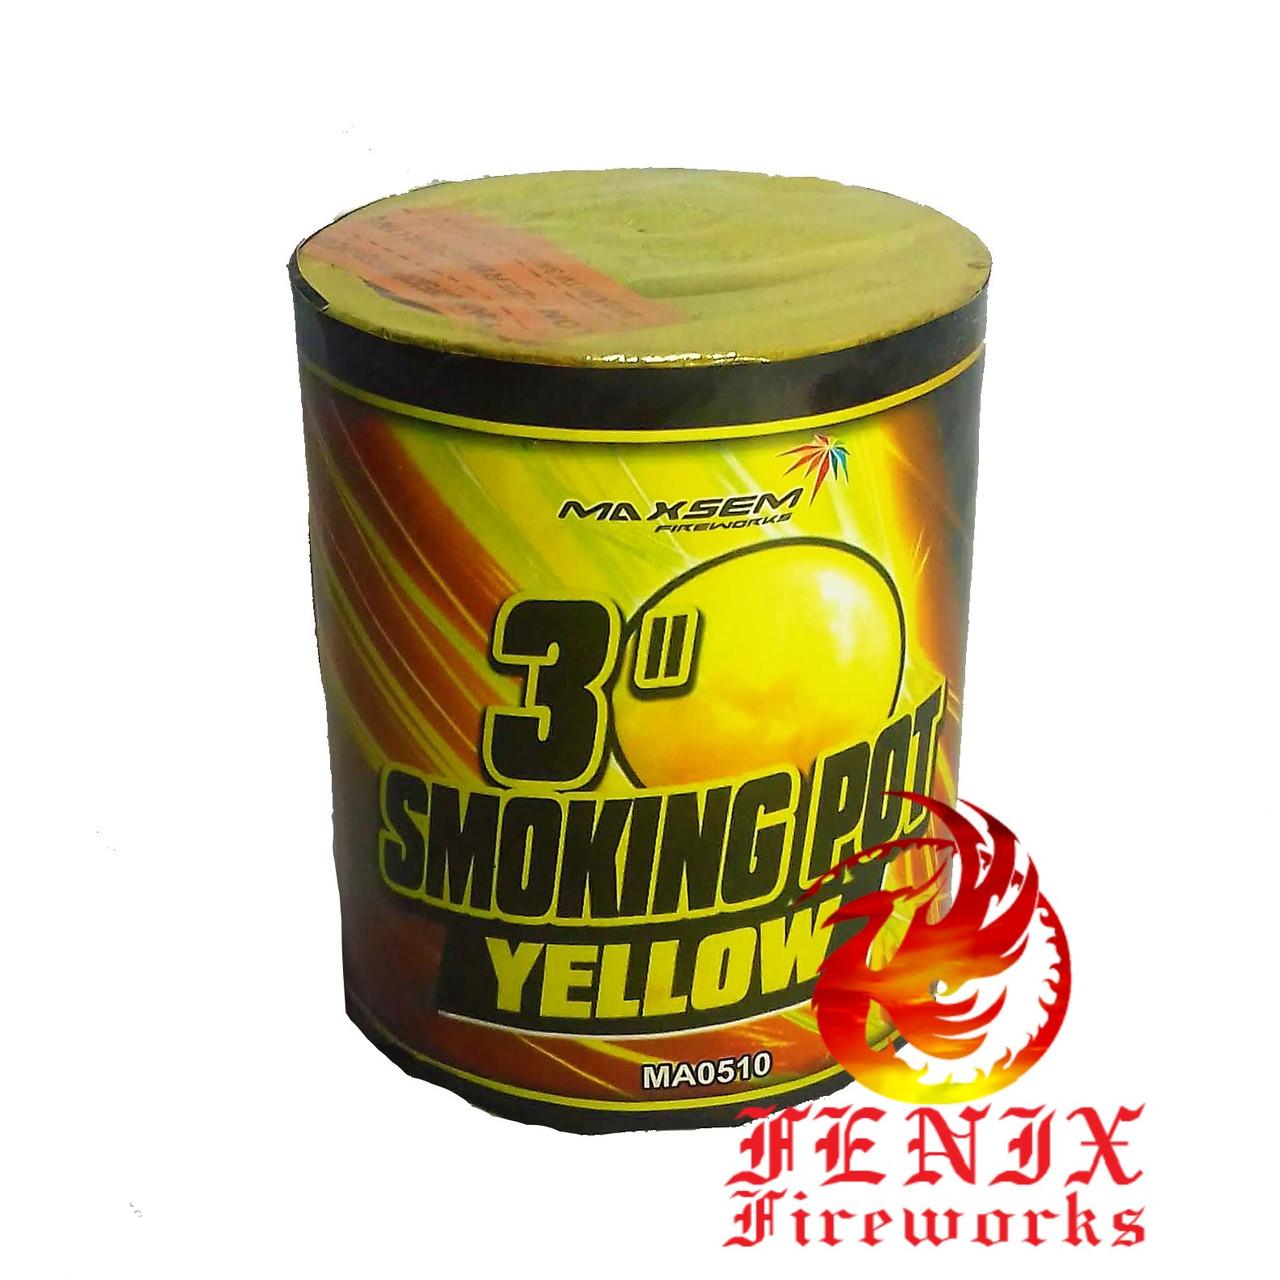 ЦВЕТНОЙ ДЫМ ЖЕЛТЫЙ ПРОФЕССИОНАЛЬНЫЙ Smoke Pot 60секунд MA0510/Y